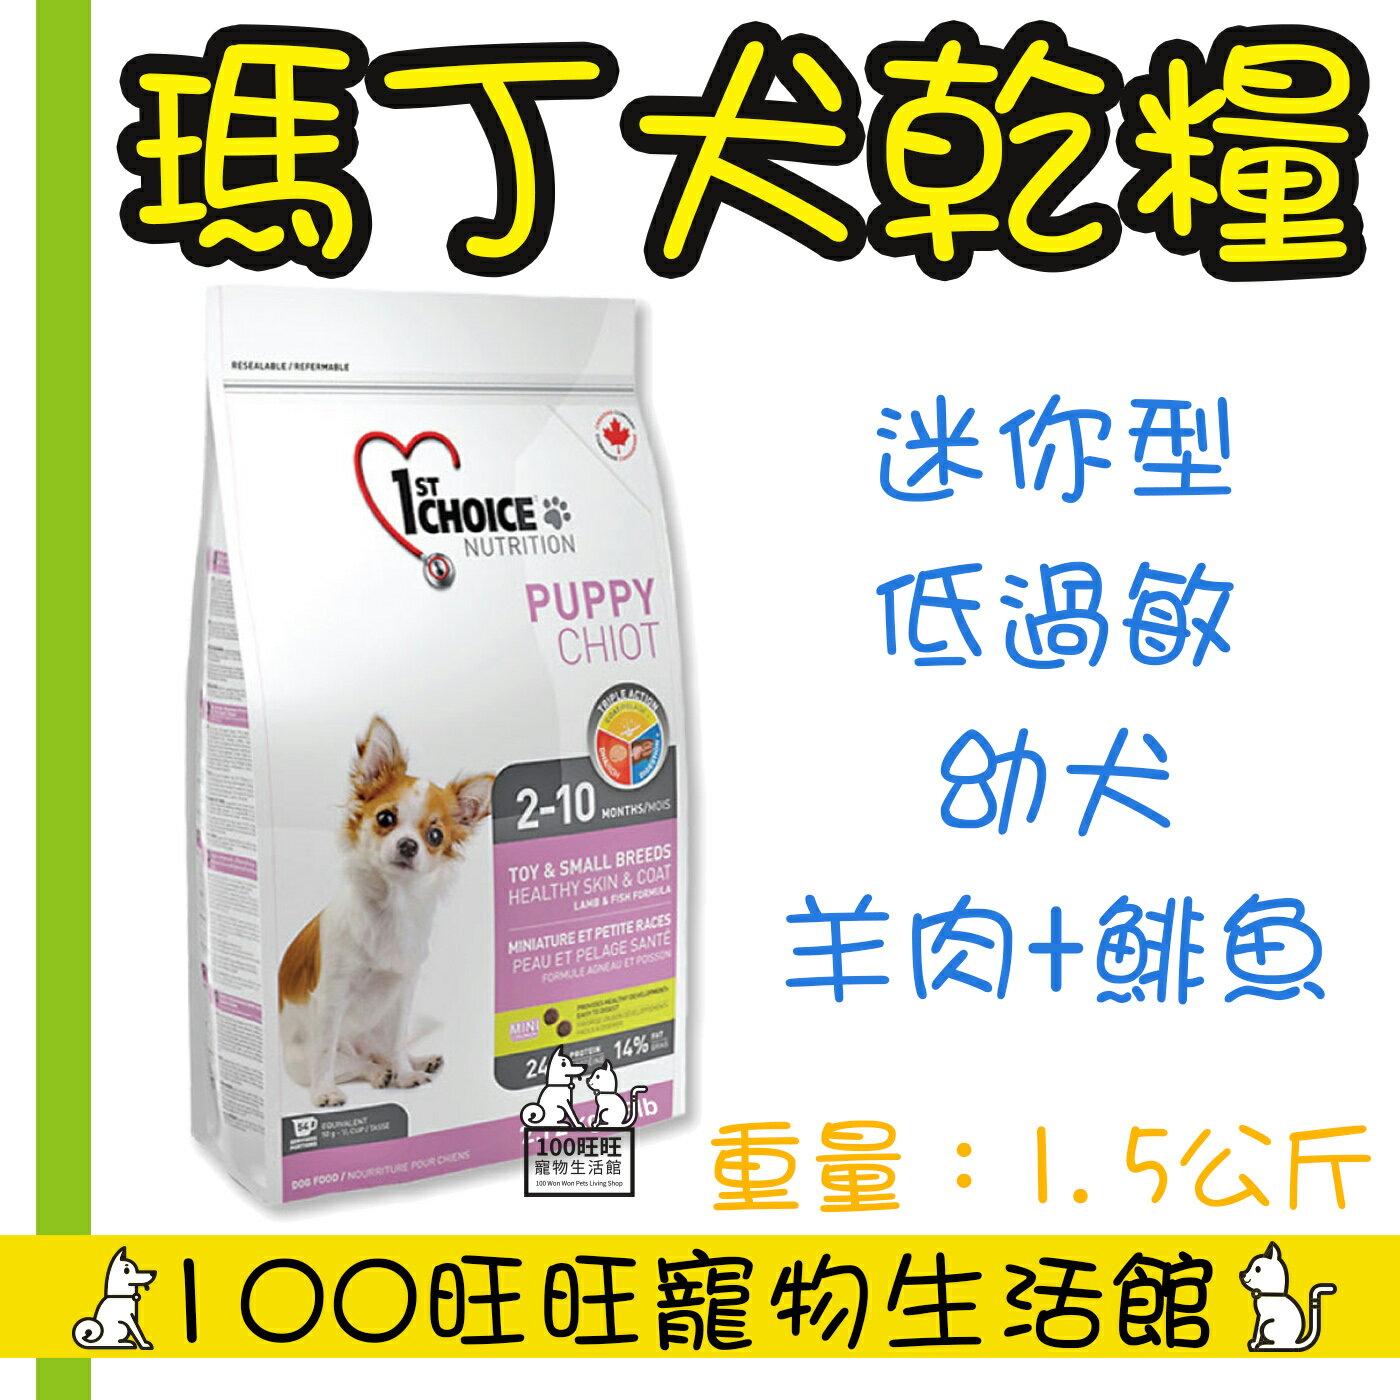 瑪丁 迷你型 幼犬 羊肉 1.5kg 2個月至10個月 羊肉+鯡魚+糙米配方